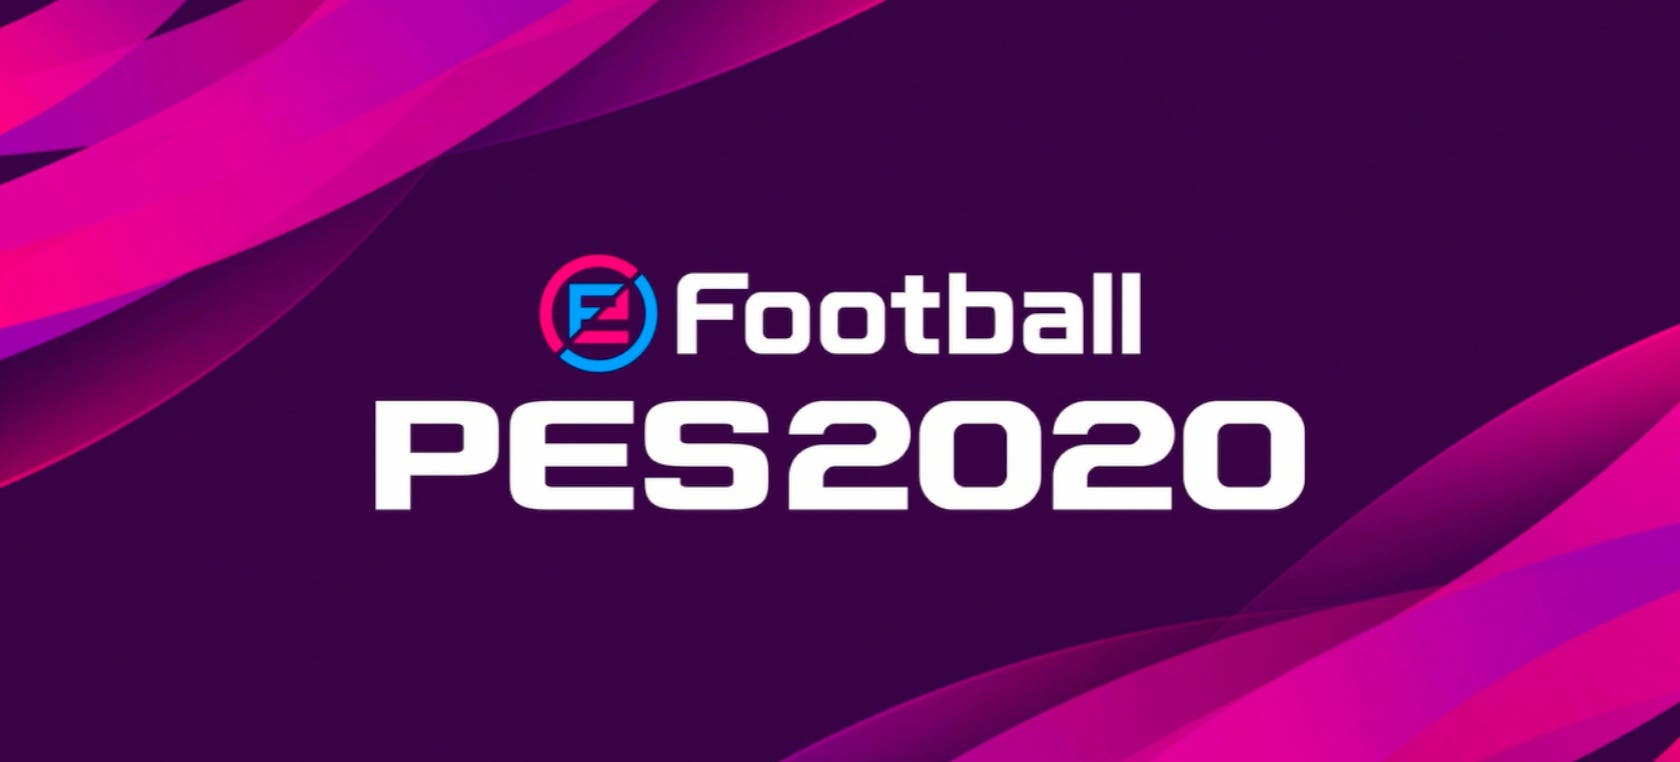 Duelo de selecciones nacionales de eFootball PES 2020 entre España y Polonia 10